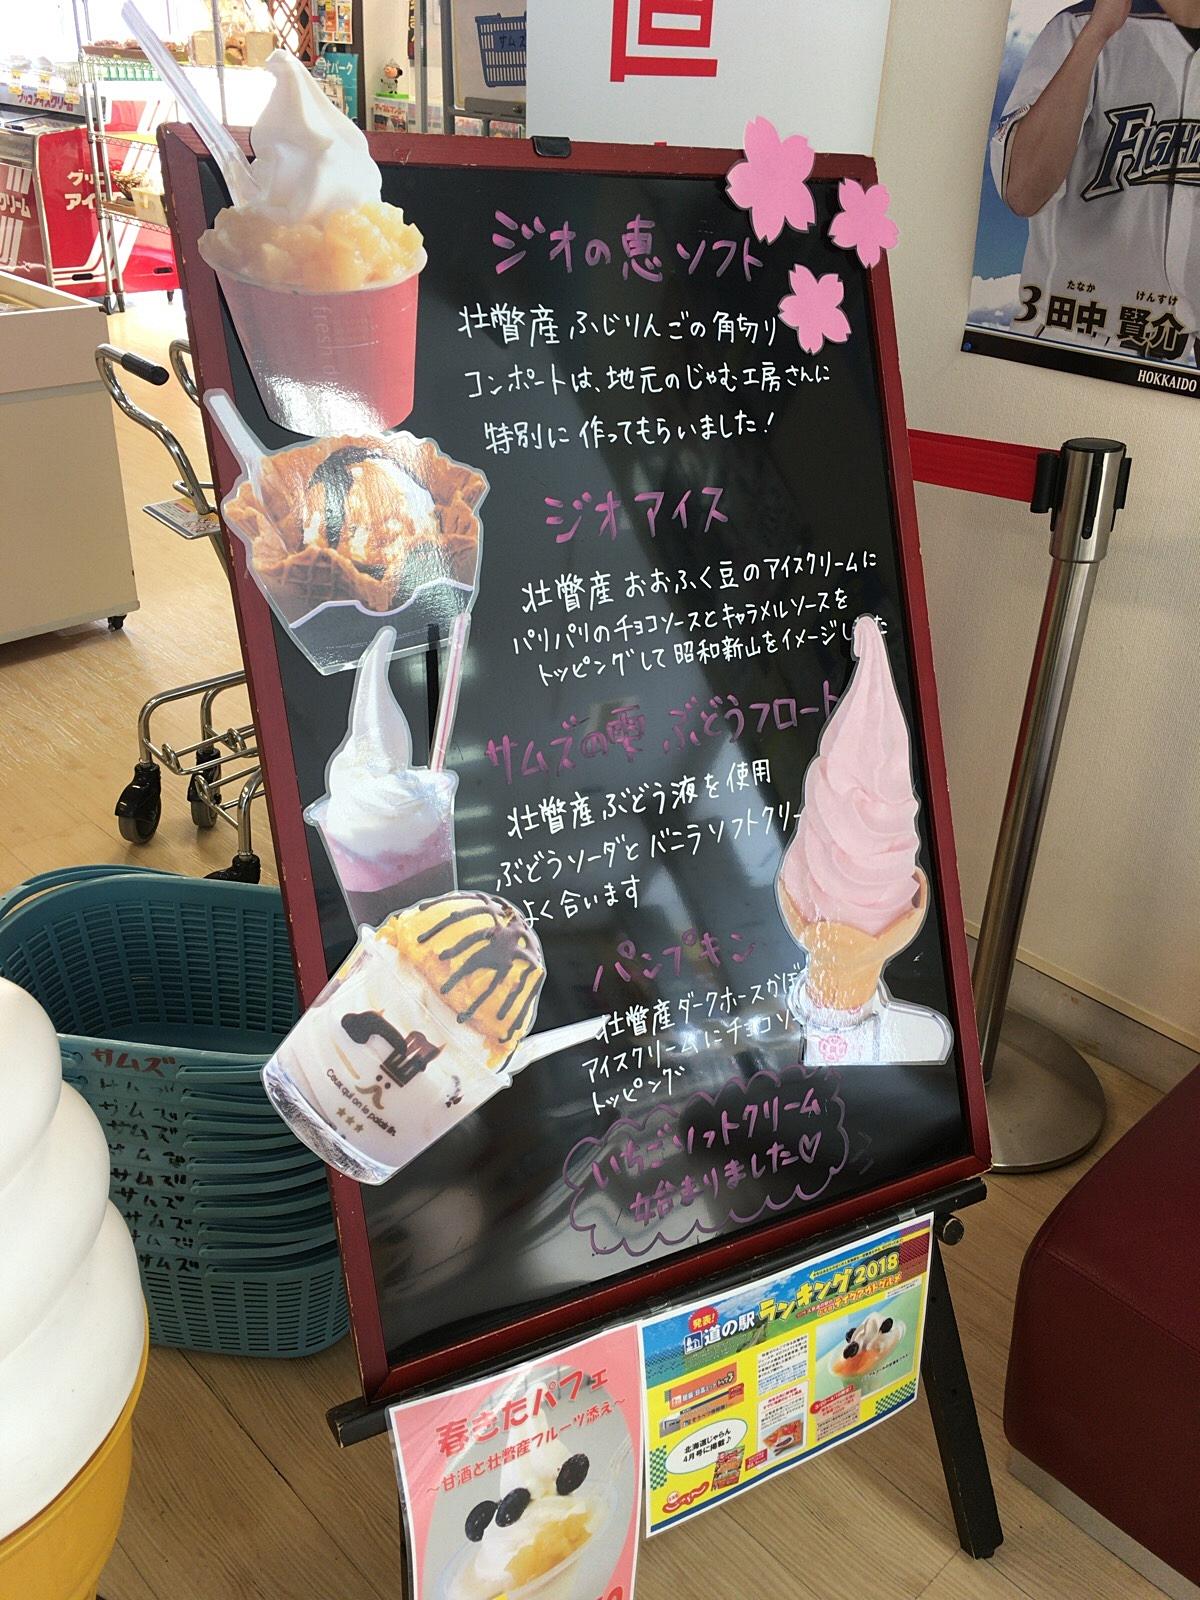 道の駅 そうべつサムズ メニュー.JPG